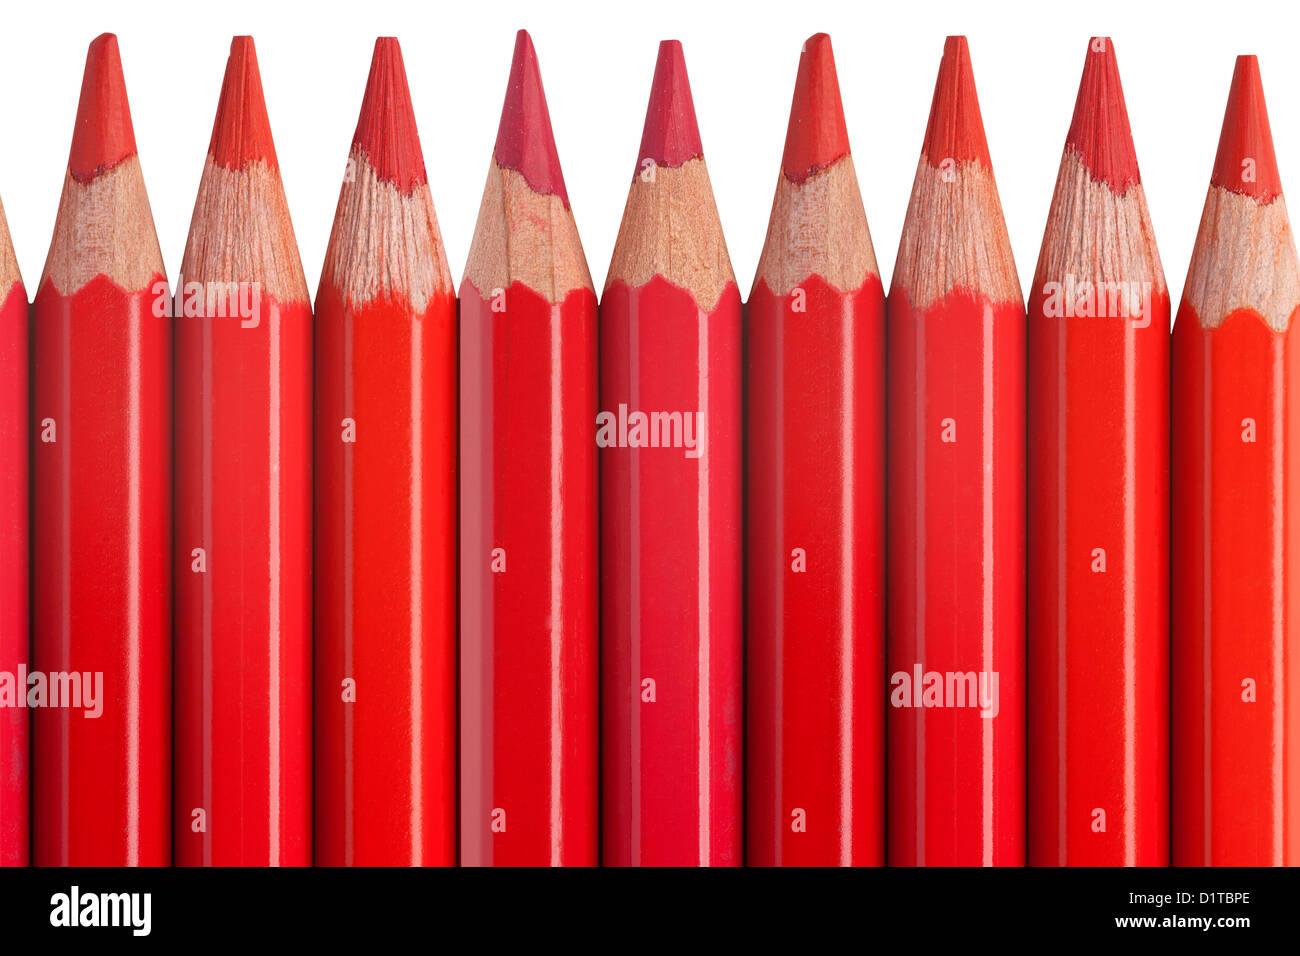 Estética roja - Página 3 Lapices-de-color-rojo-sobre-fondo-blanco-aisladas-o-lapices-de-colores-d1tbpe